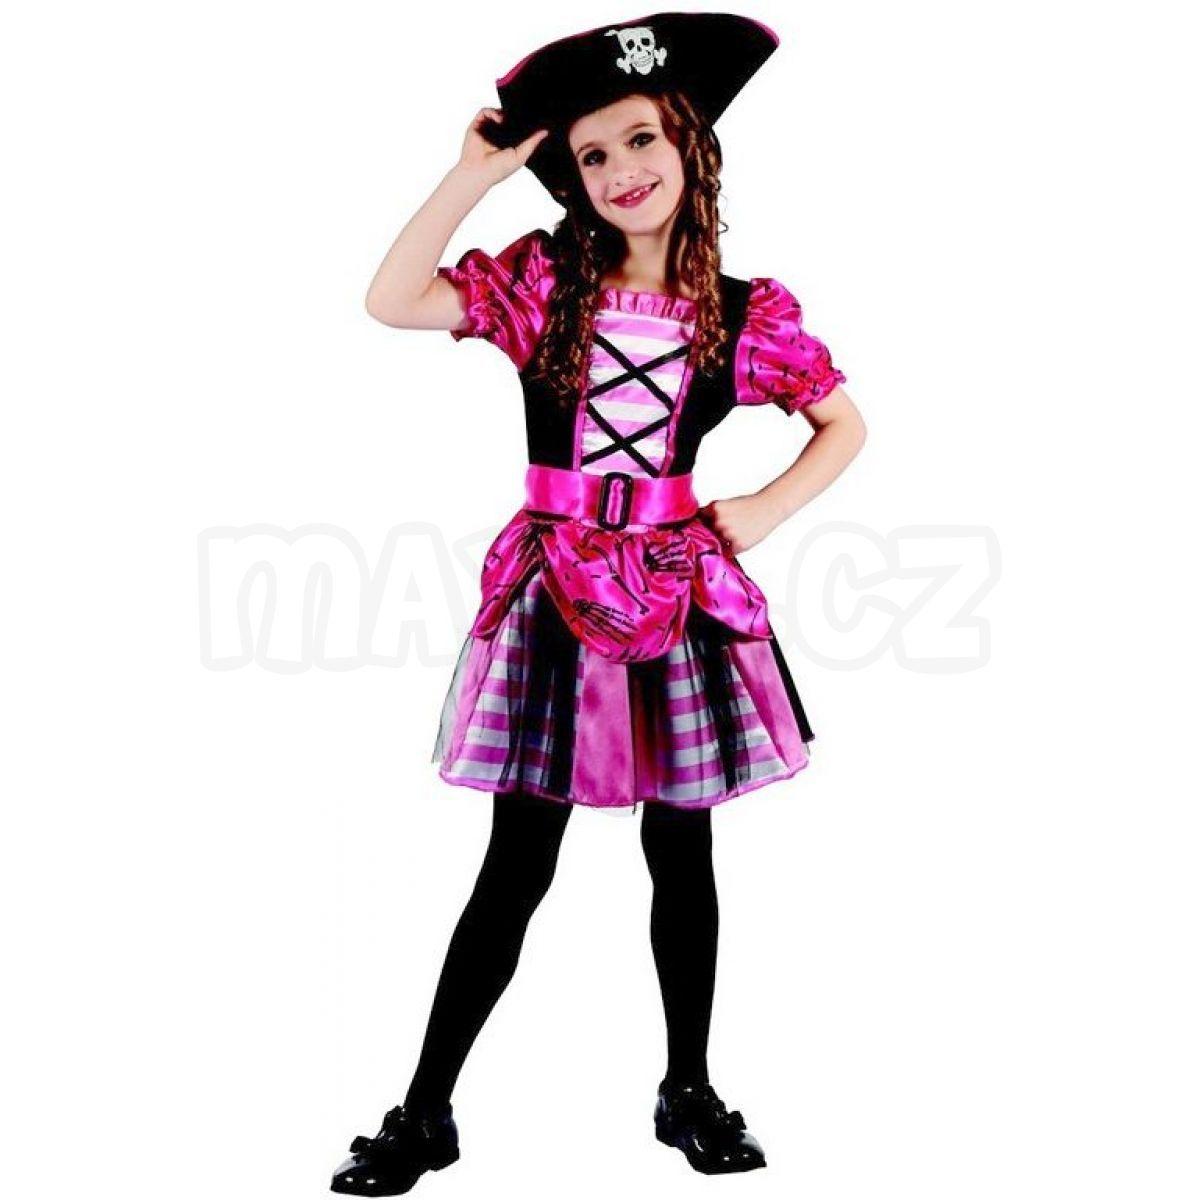 ce3176906212 Made Dětský kostým na karneval pirátka 120-130 cm